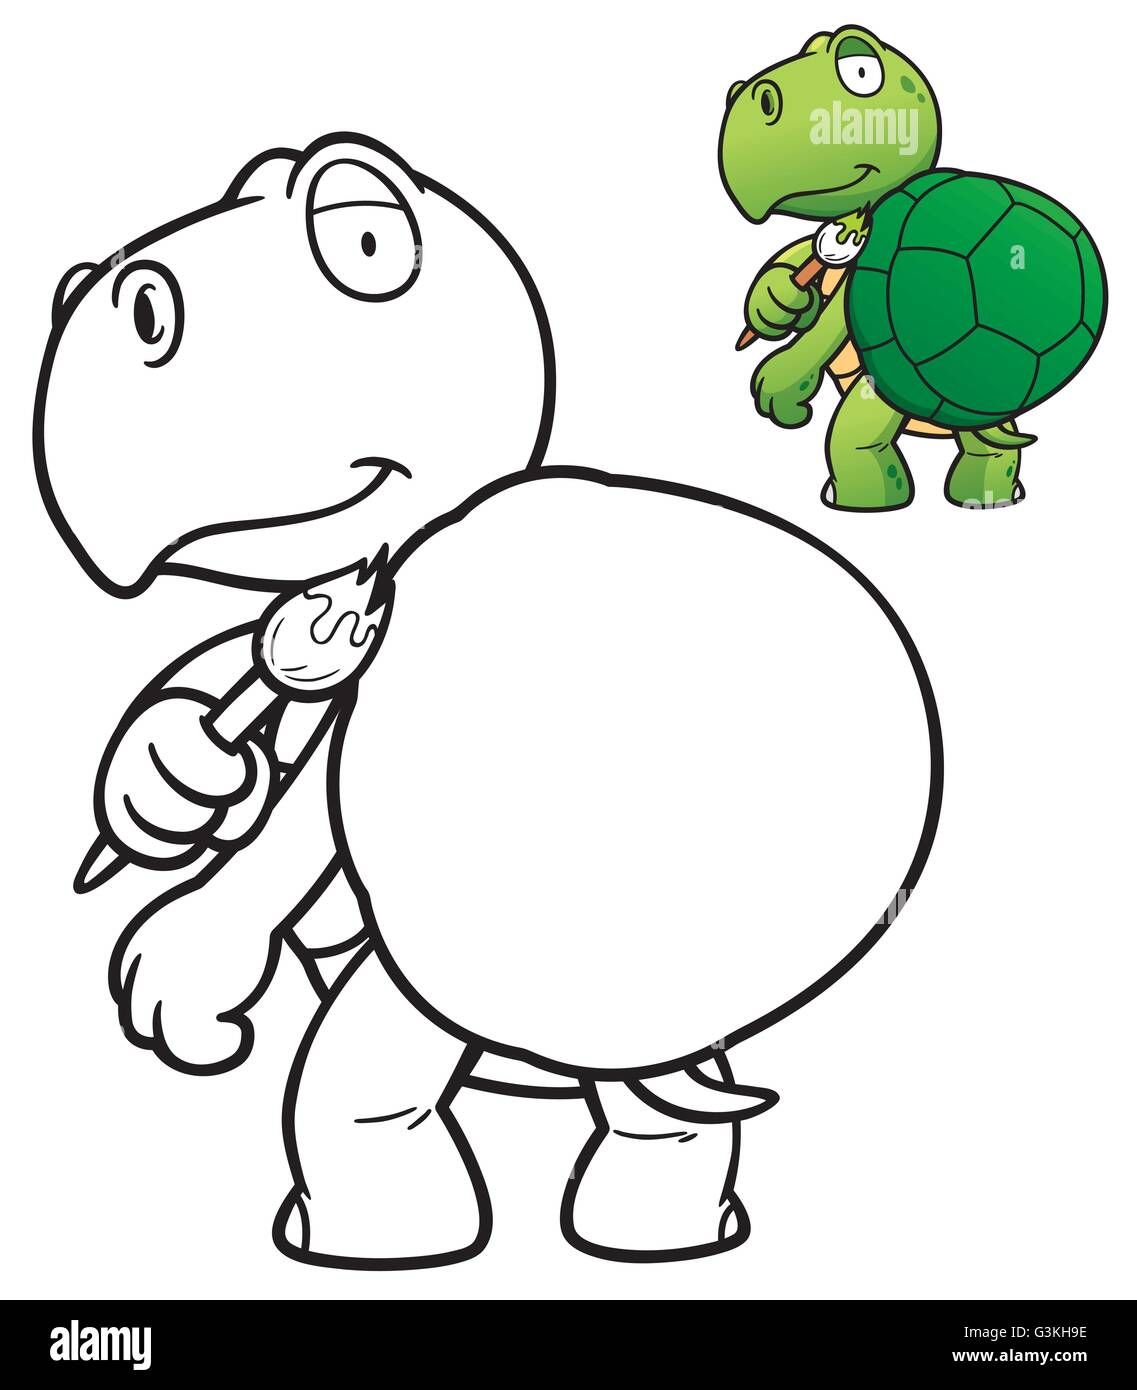 Tolle Michelangelo Schildkröte Malvorlagen Fotos - Malvorlagen Von ...